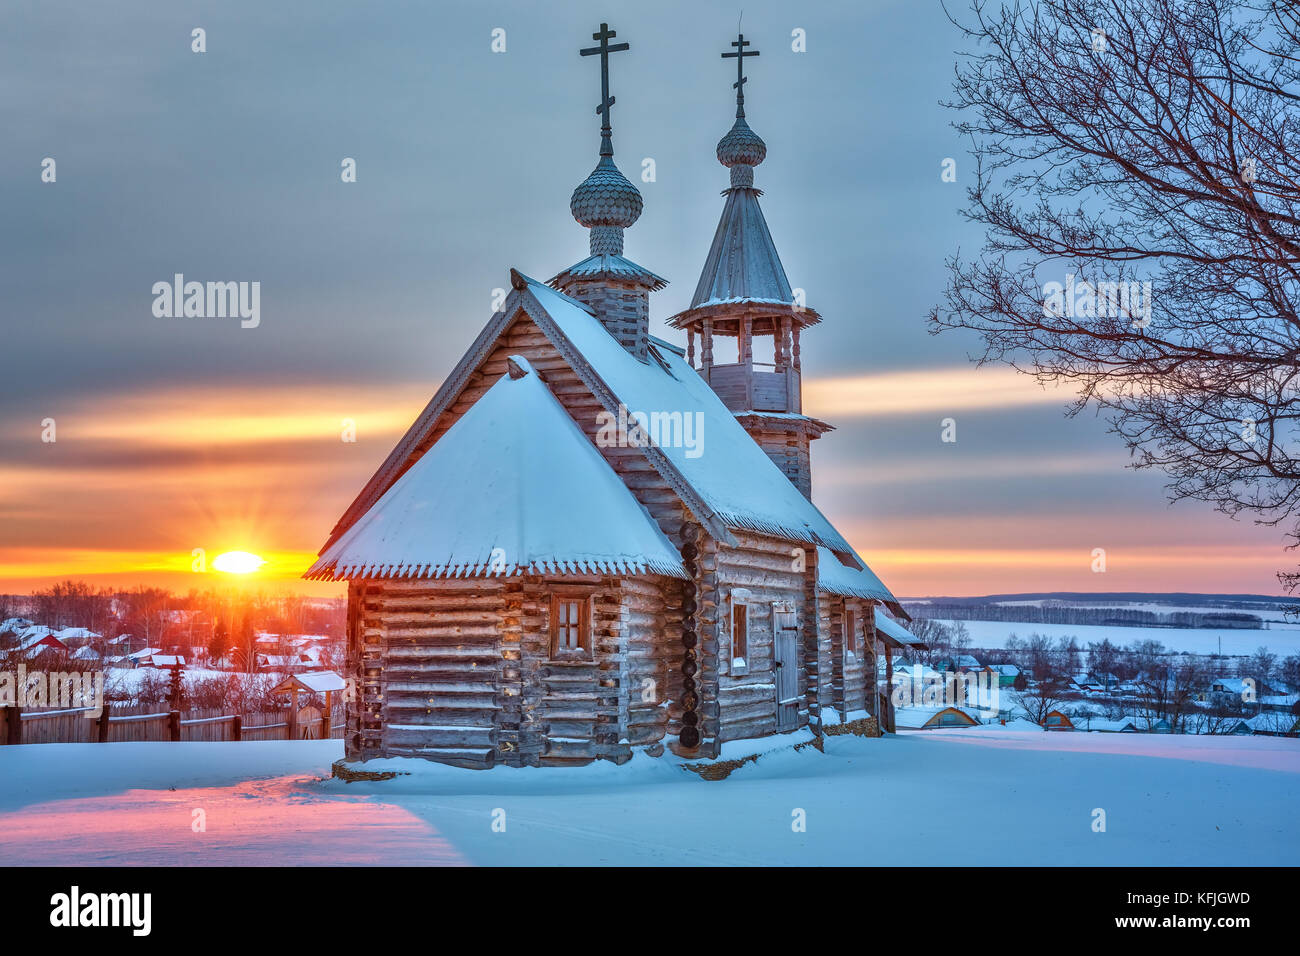 Petite église russe au coucher du soleil en hiver Photo Stock